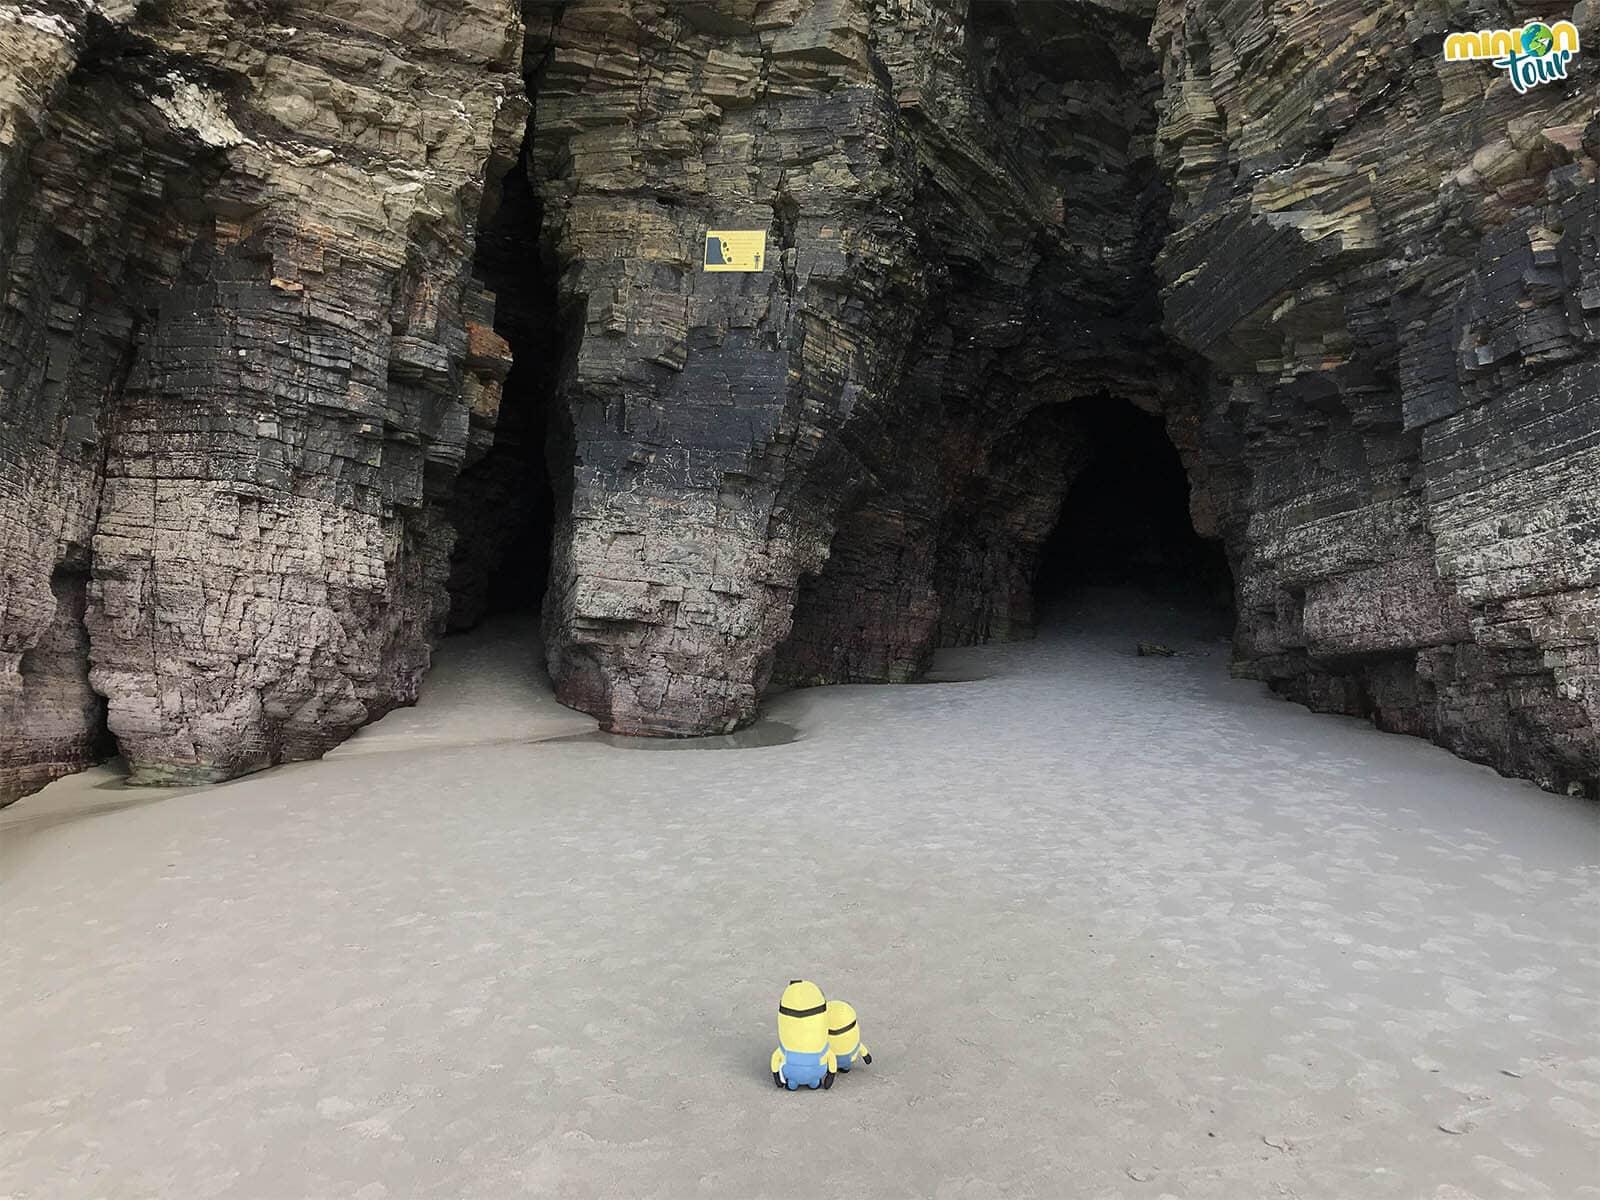 Investigando las cuevas de la Playa de las Catedrales